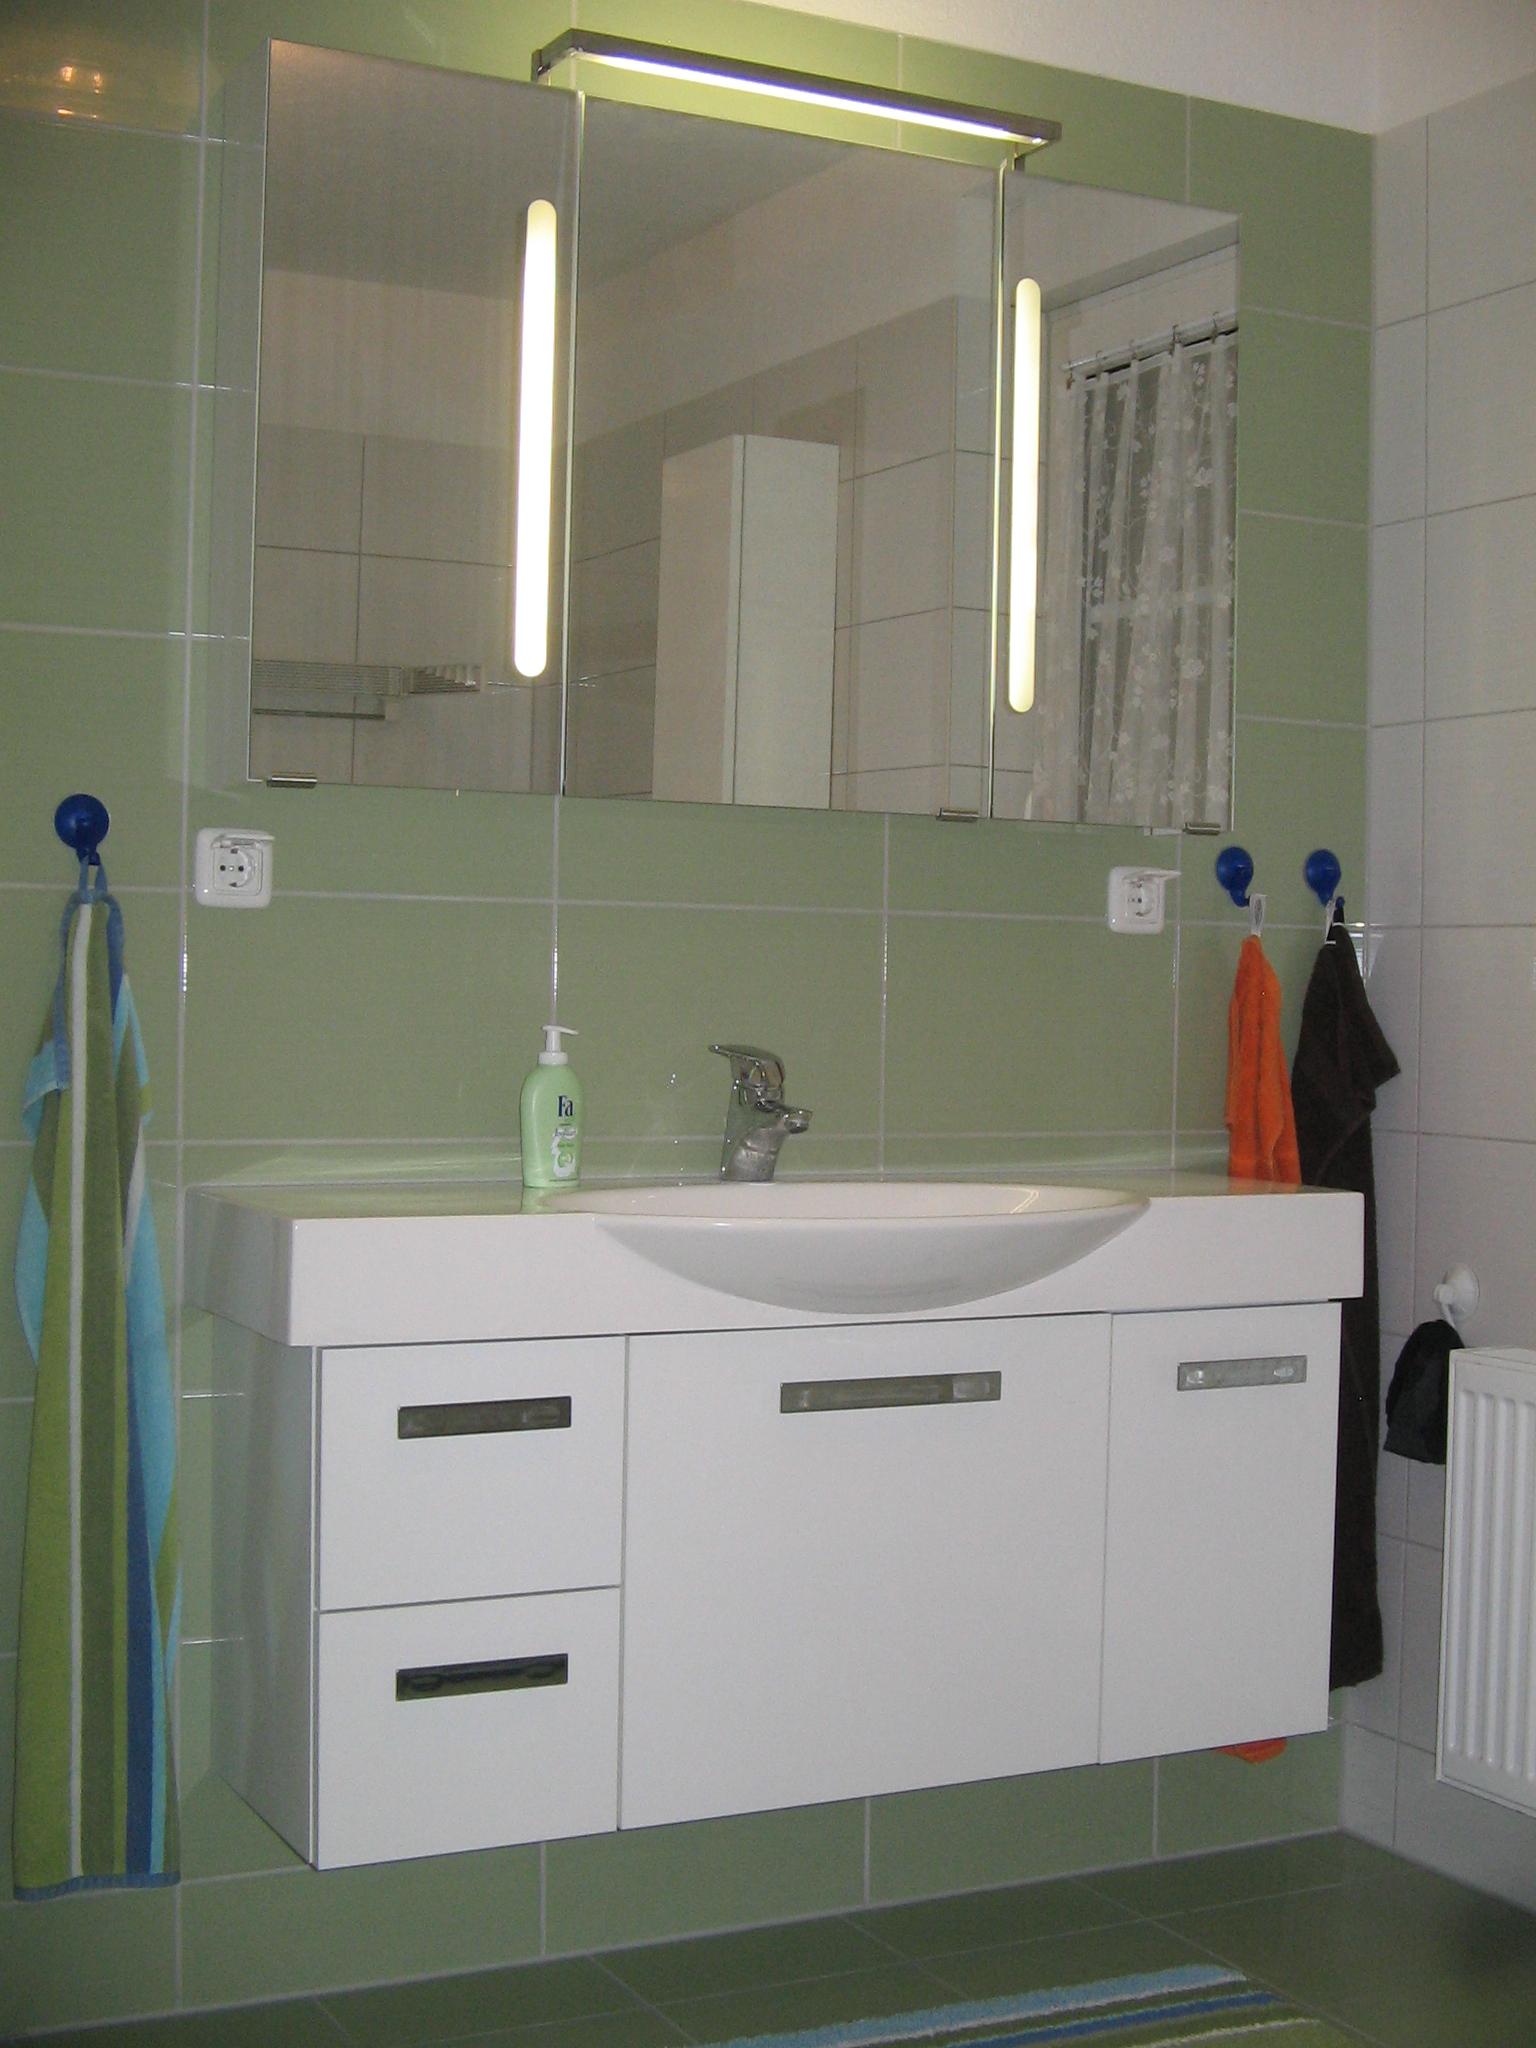 spiegelglanzfronten im bad k chenfront 24. Black Bedroom Furniture Sets. Home Design Ideas